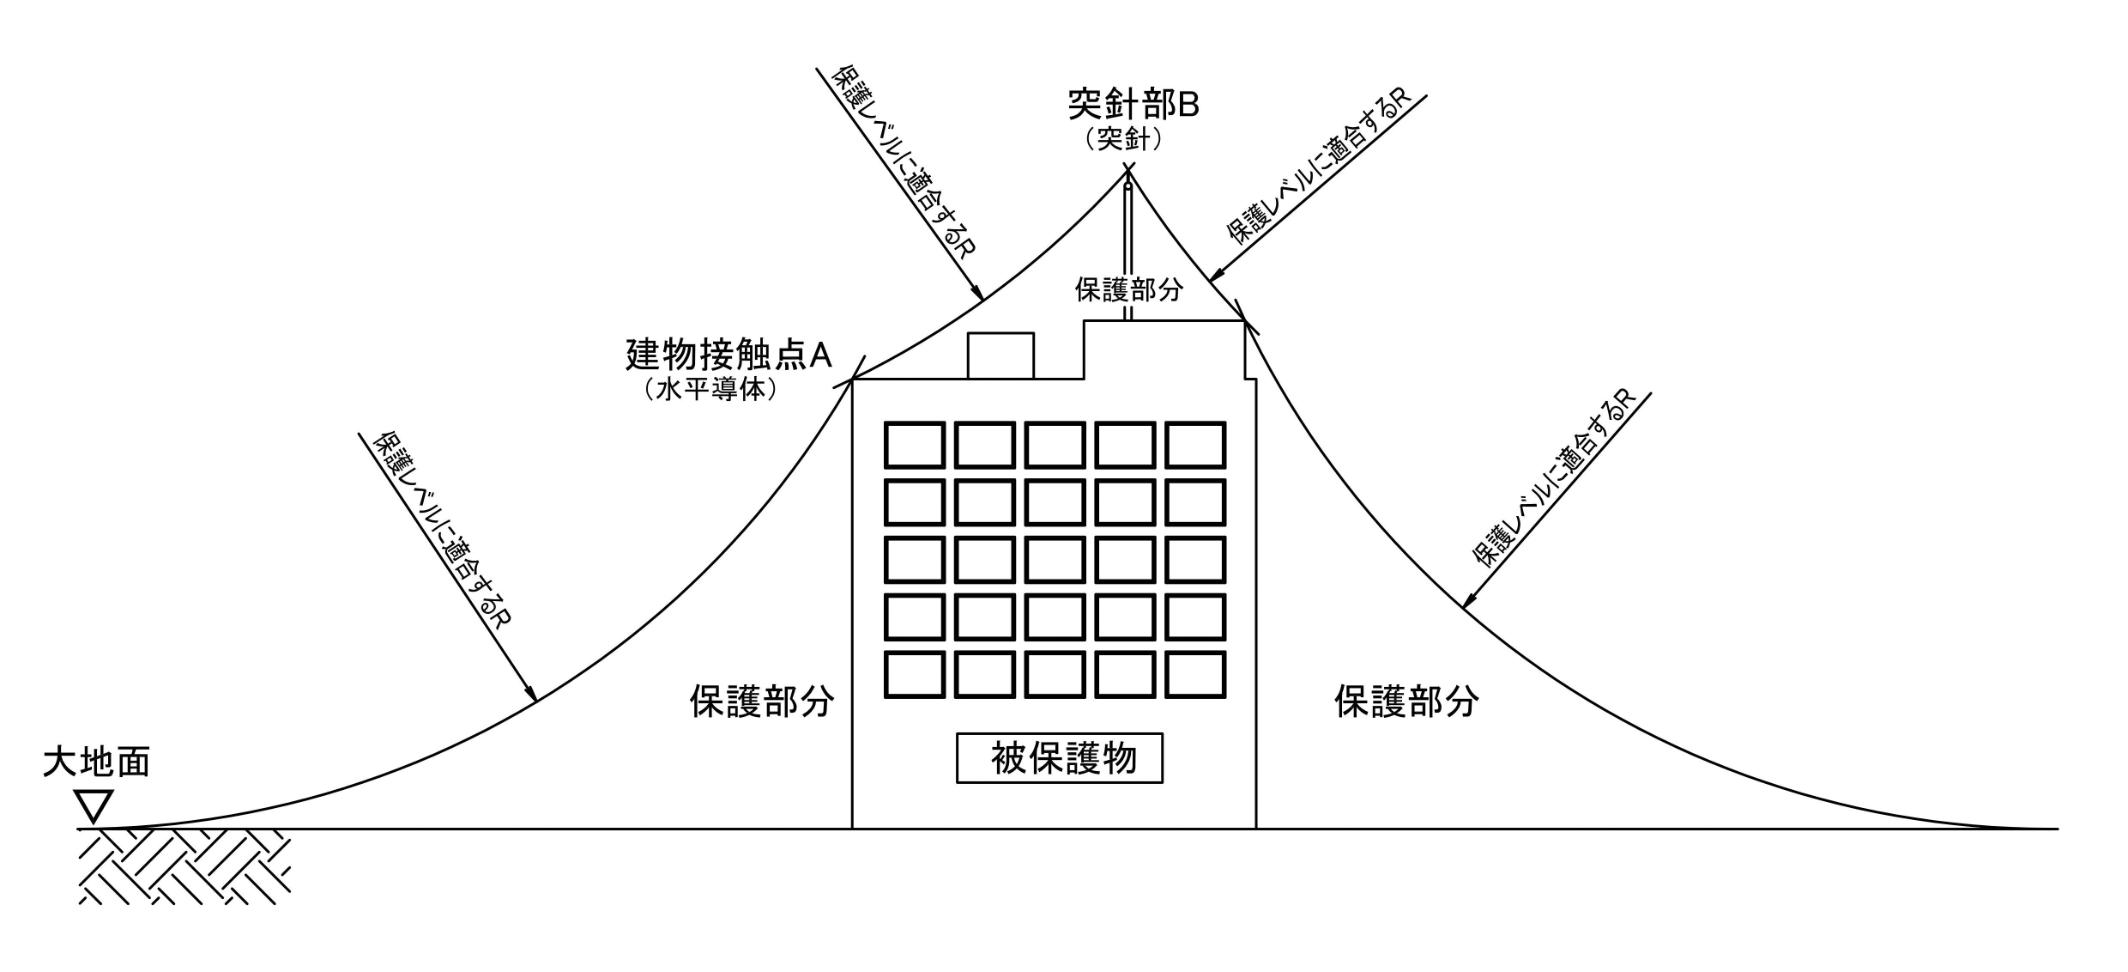 回転球体法による建物の保護例